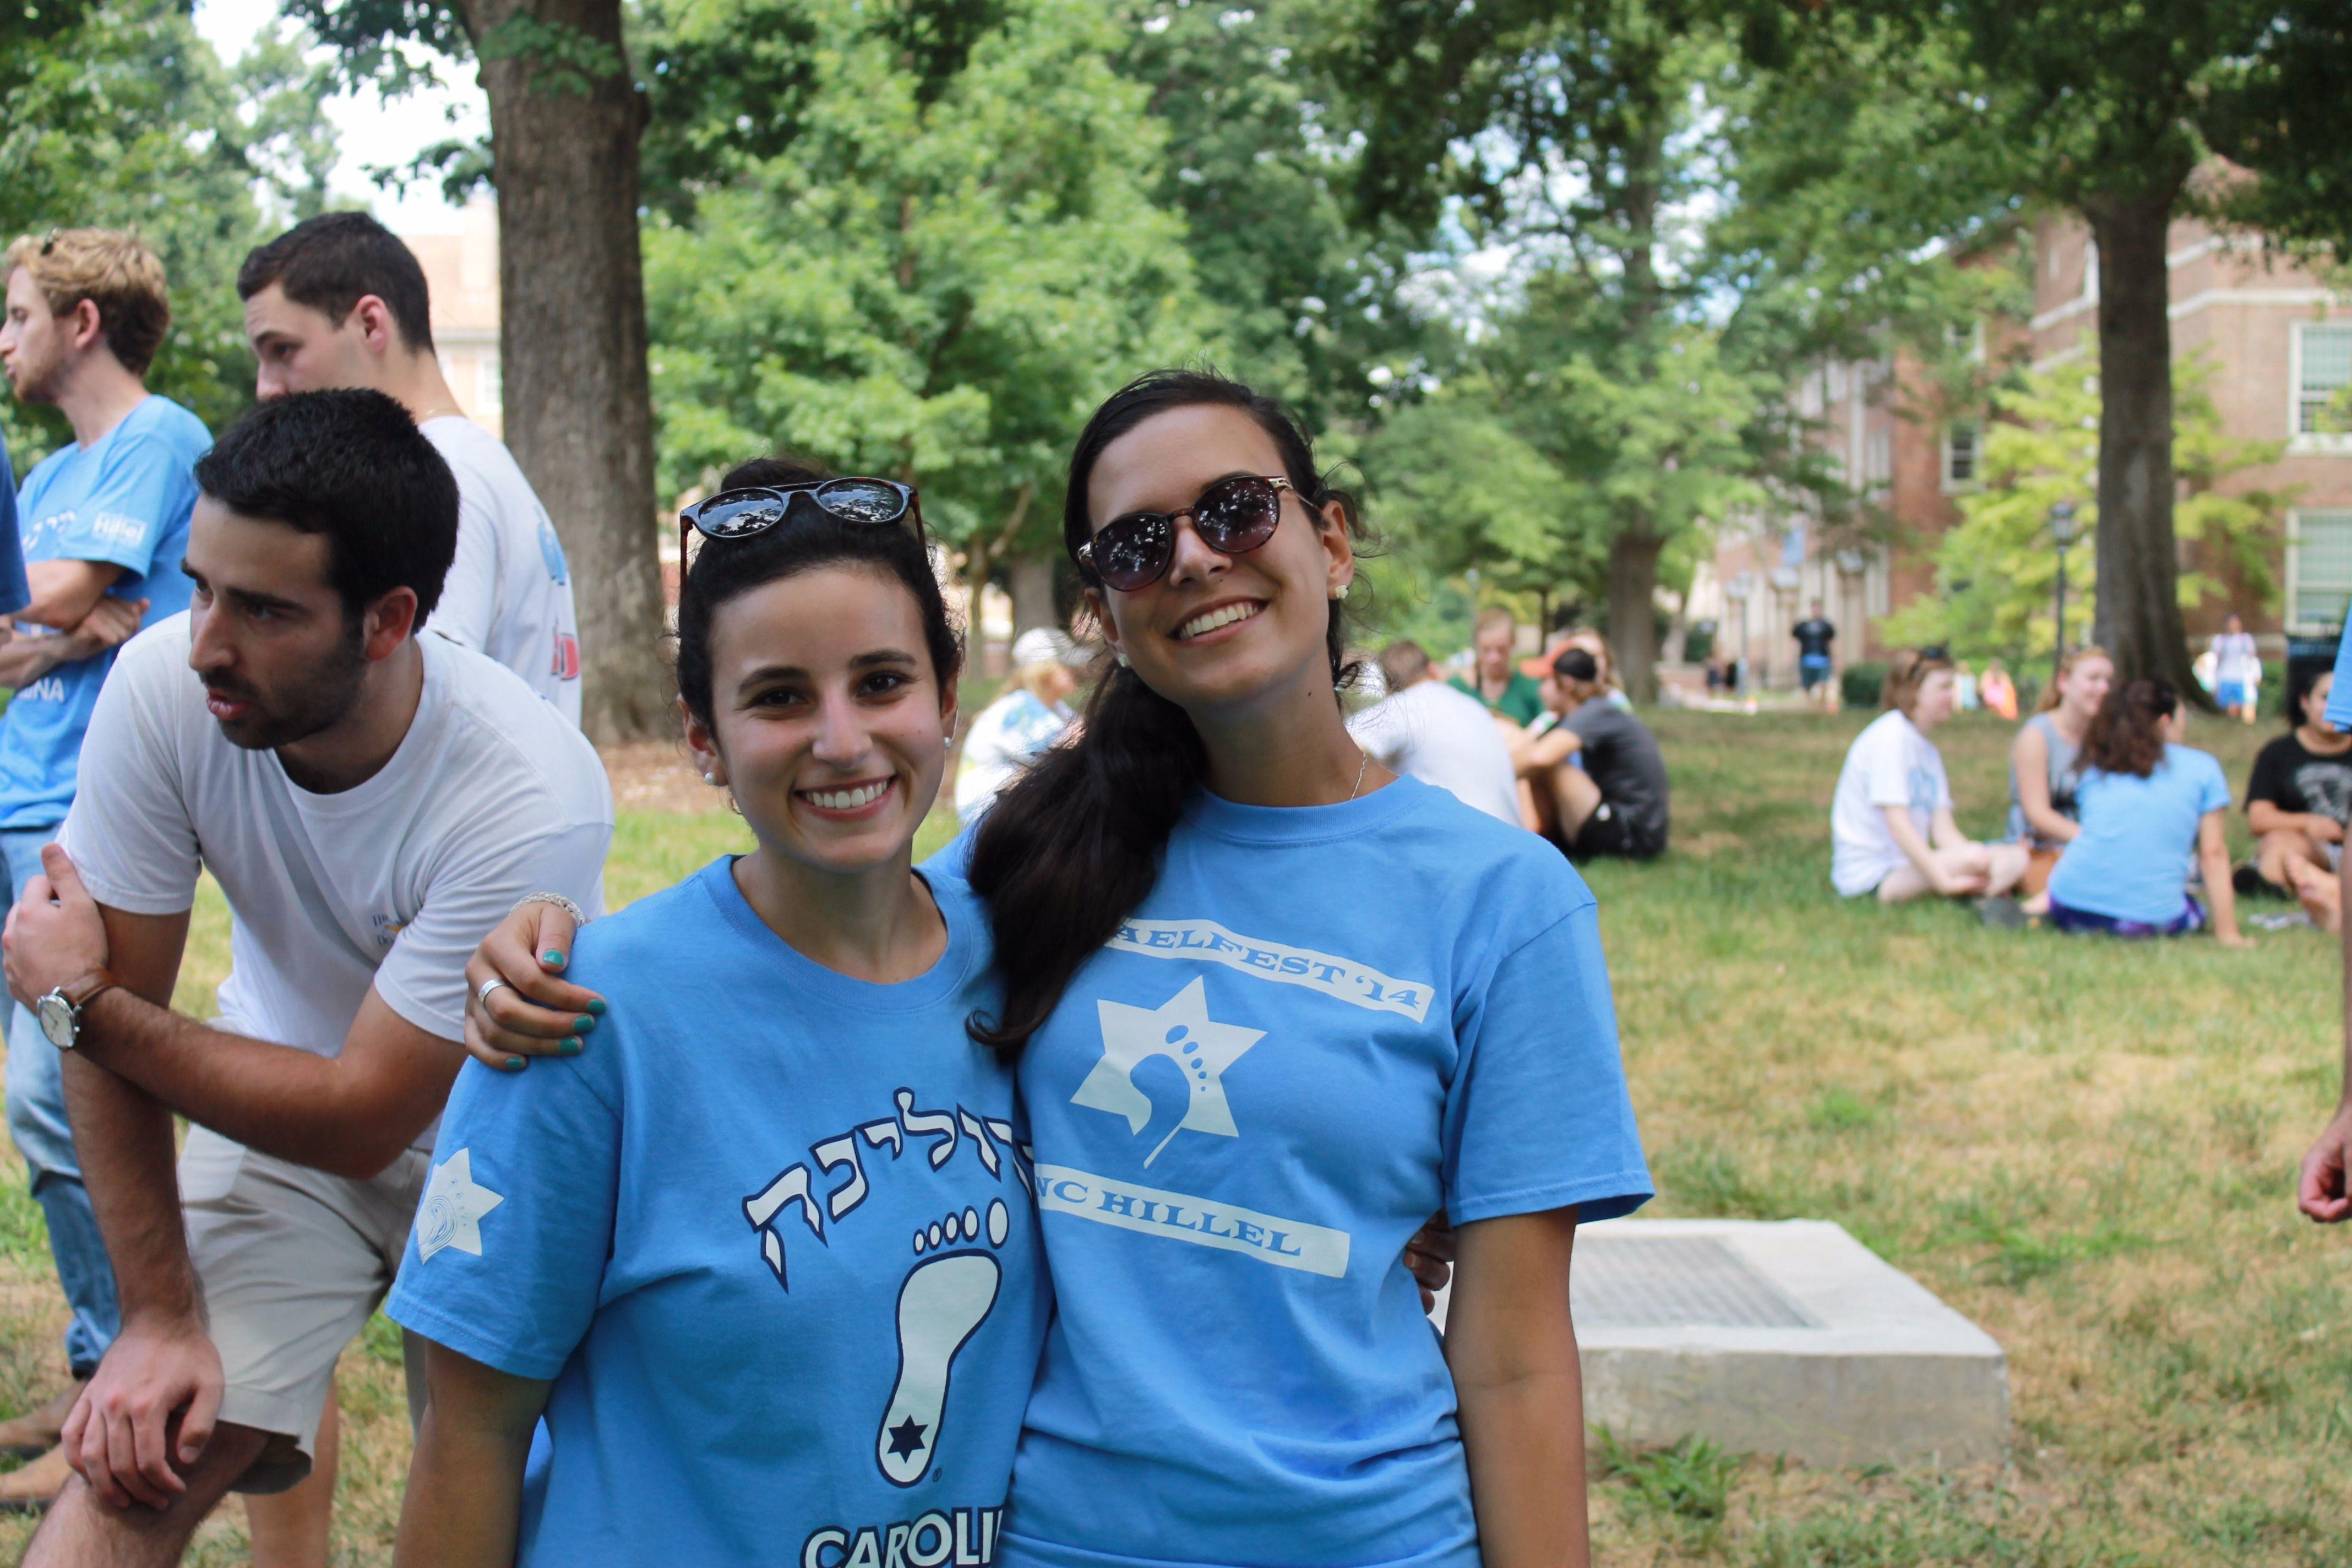 Jewish students at the University of North Carolina at Chapel Hill.